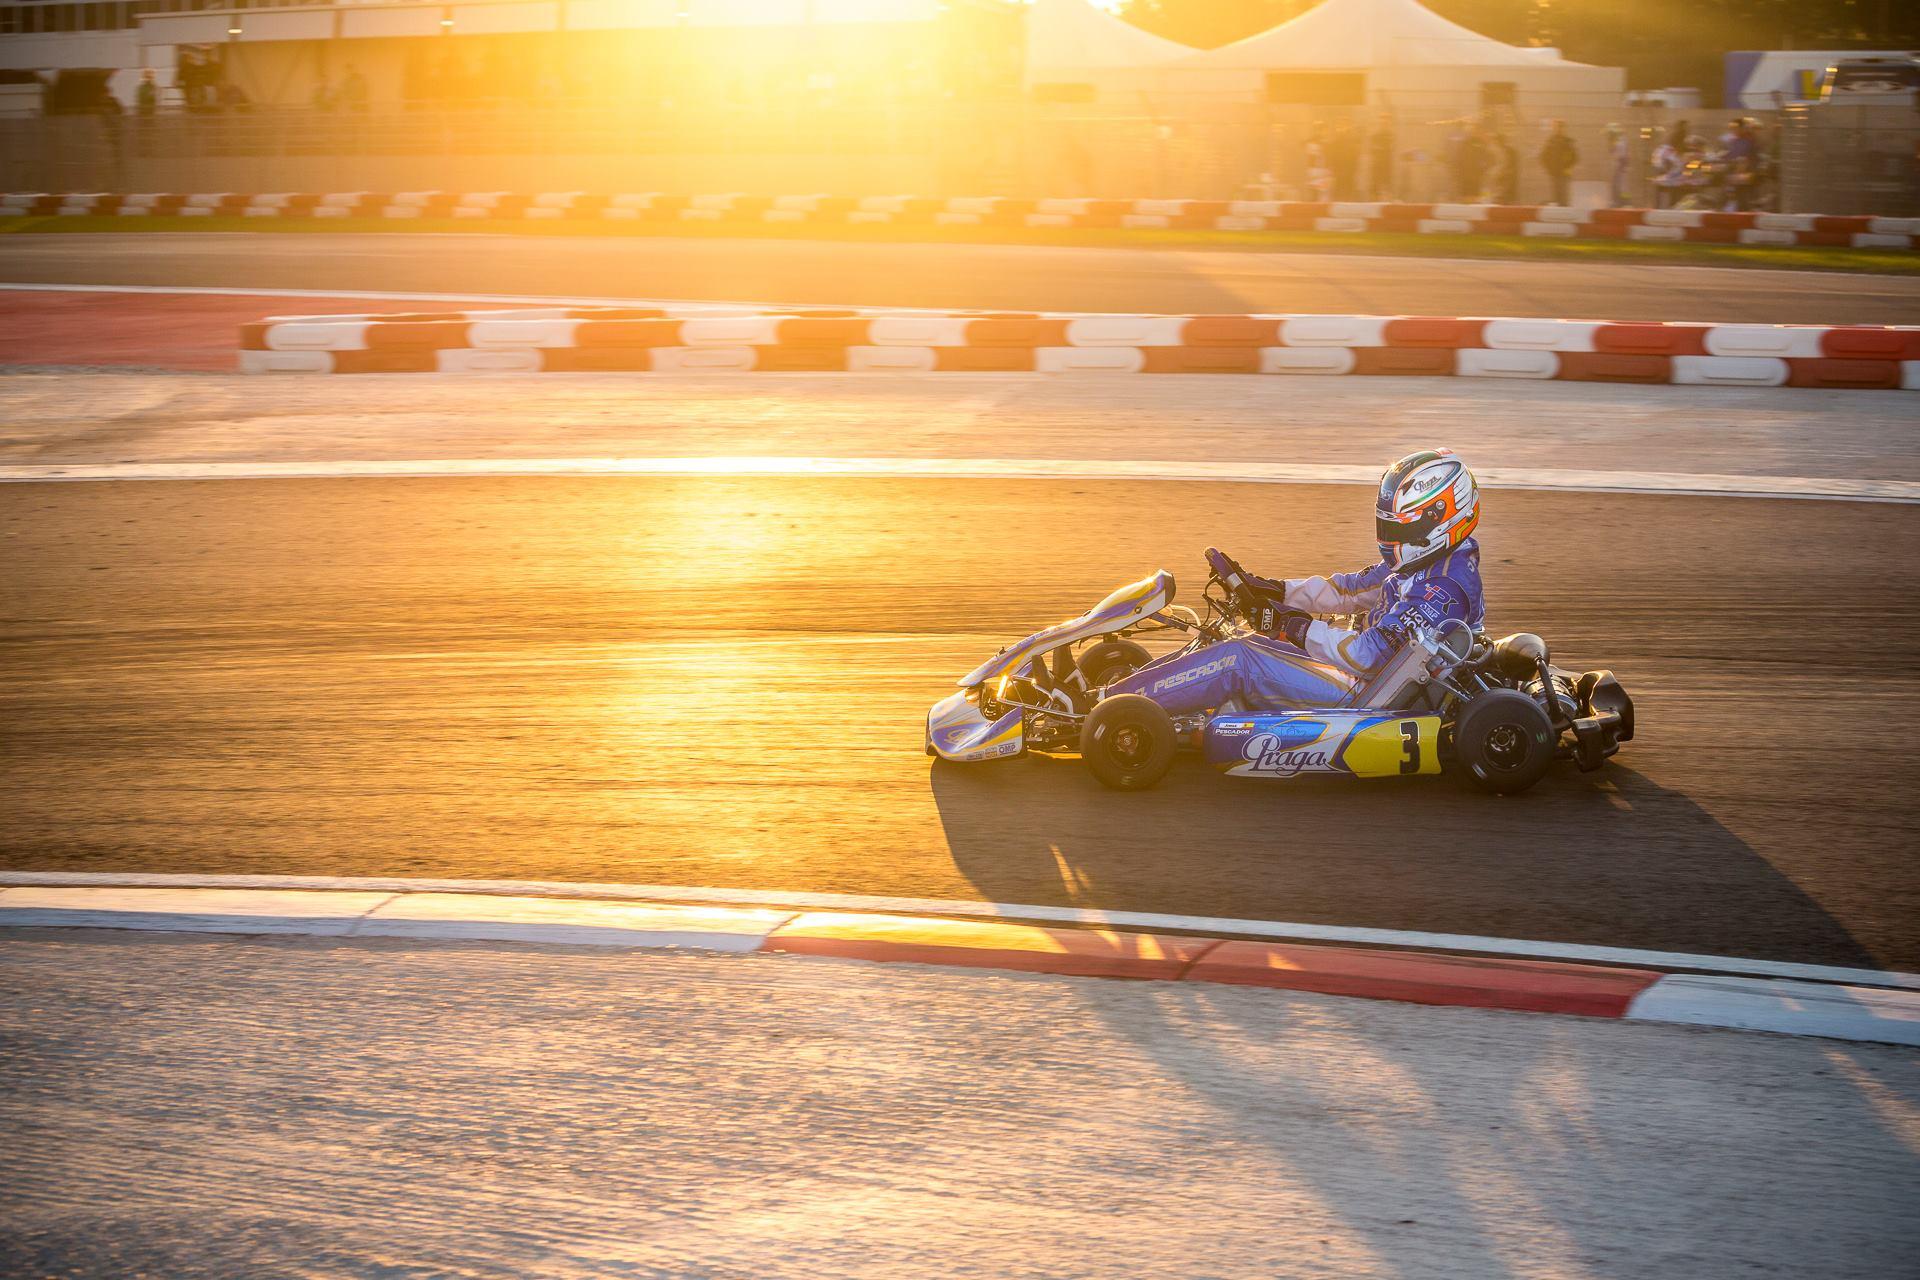 Successful end of season for PRAGA Kart Racing!